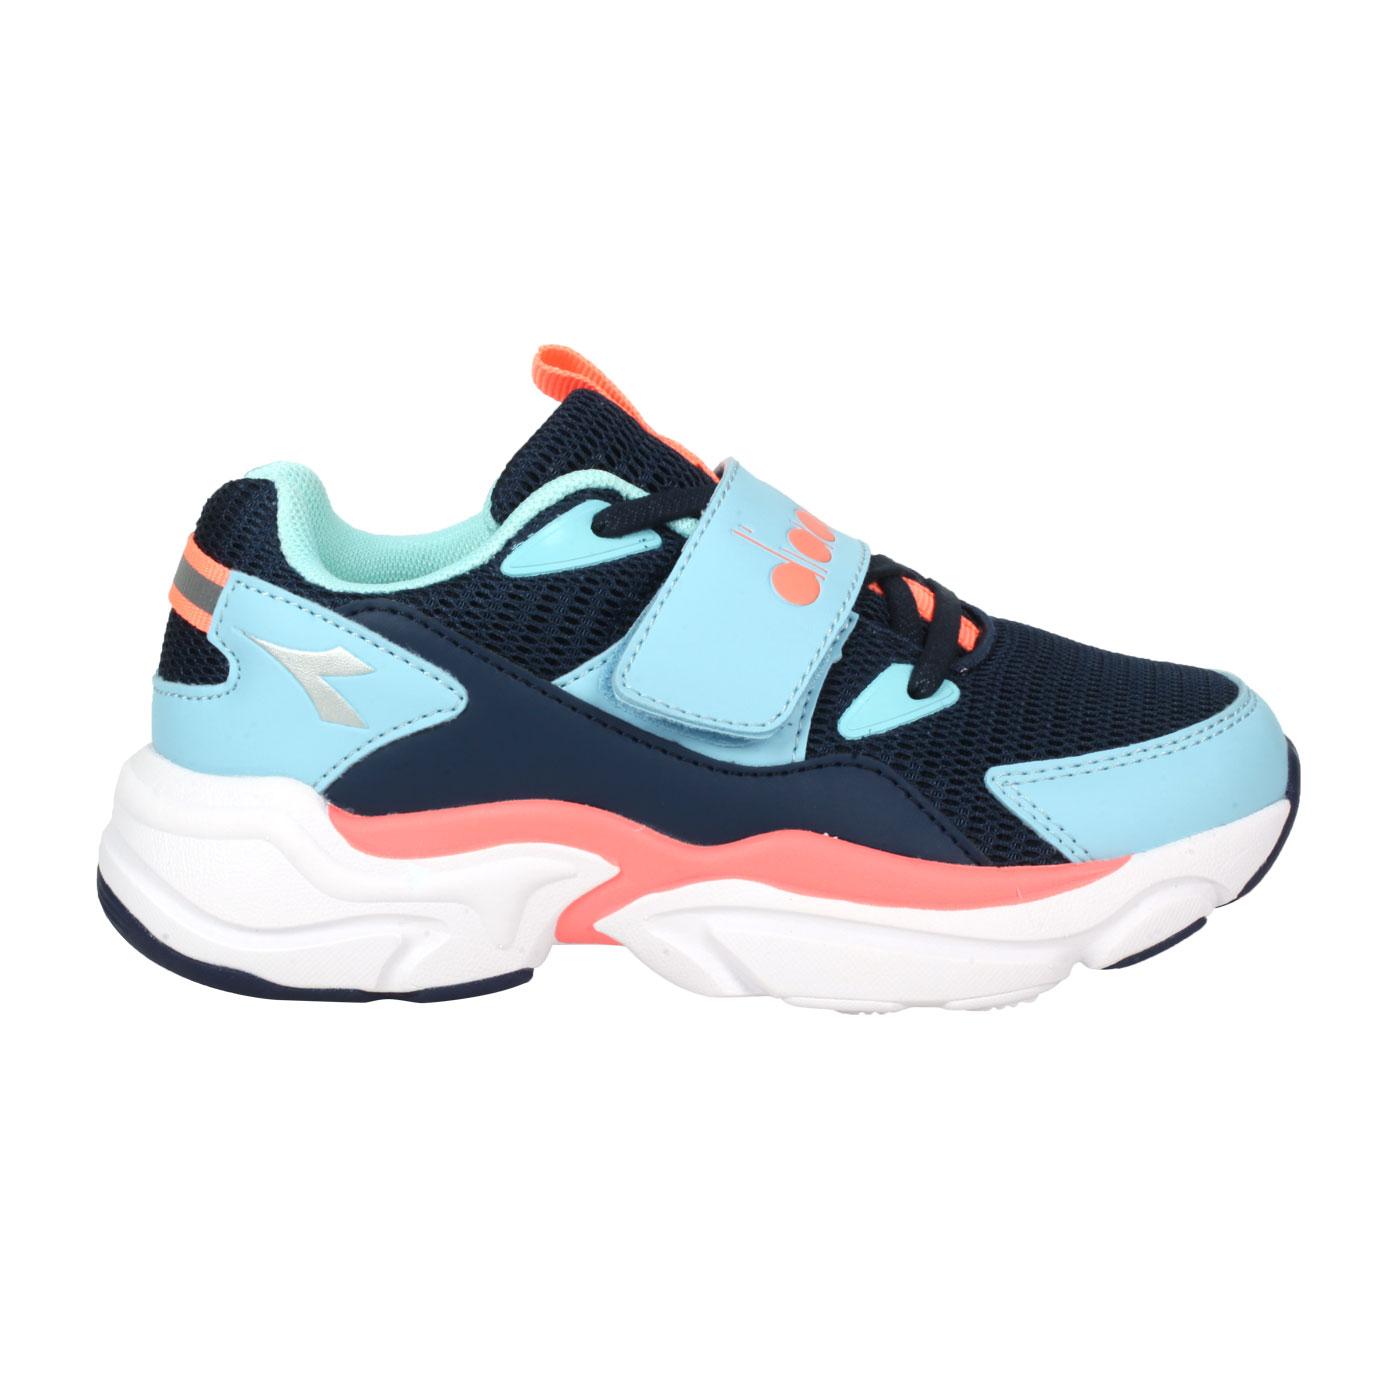 DIADORA 中童運動鞋-超寬楦 DA11025